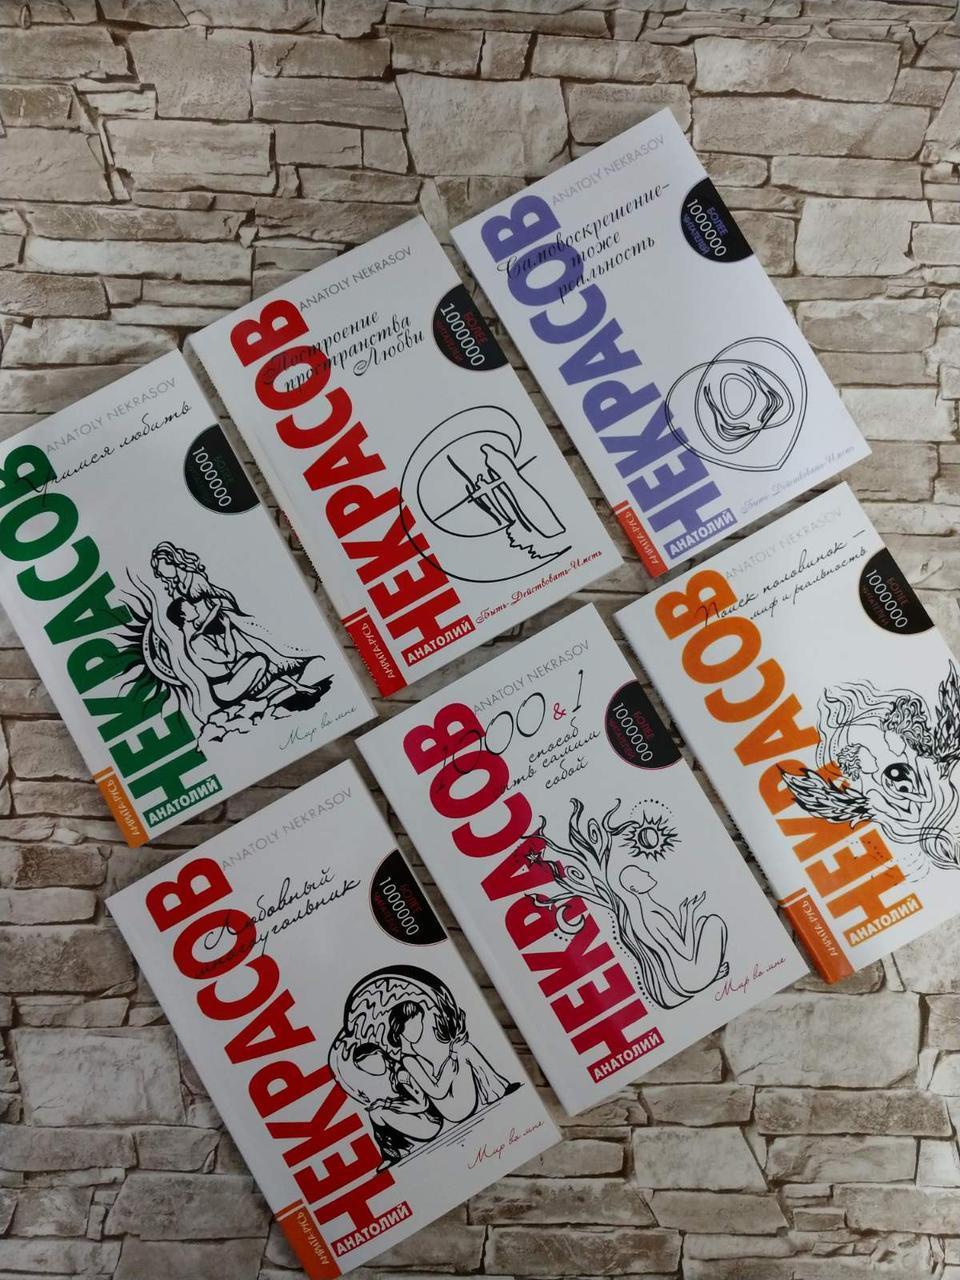 """Набор книг """"1000 и 1 способ быть самим собой"""", """"Учимся любить""""и др. А. Некрасов"""